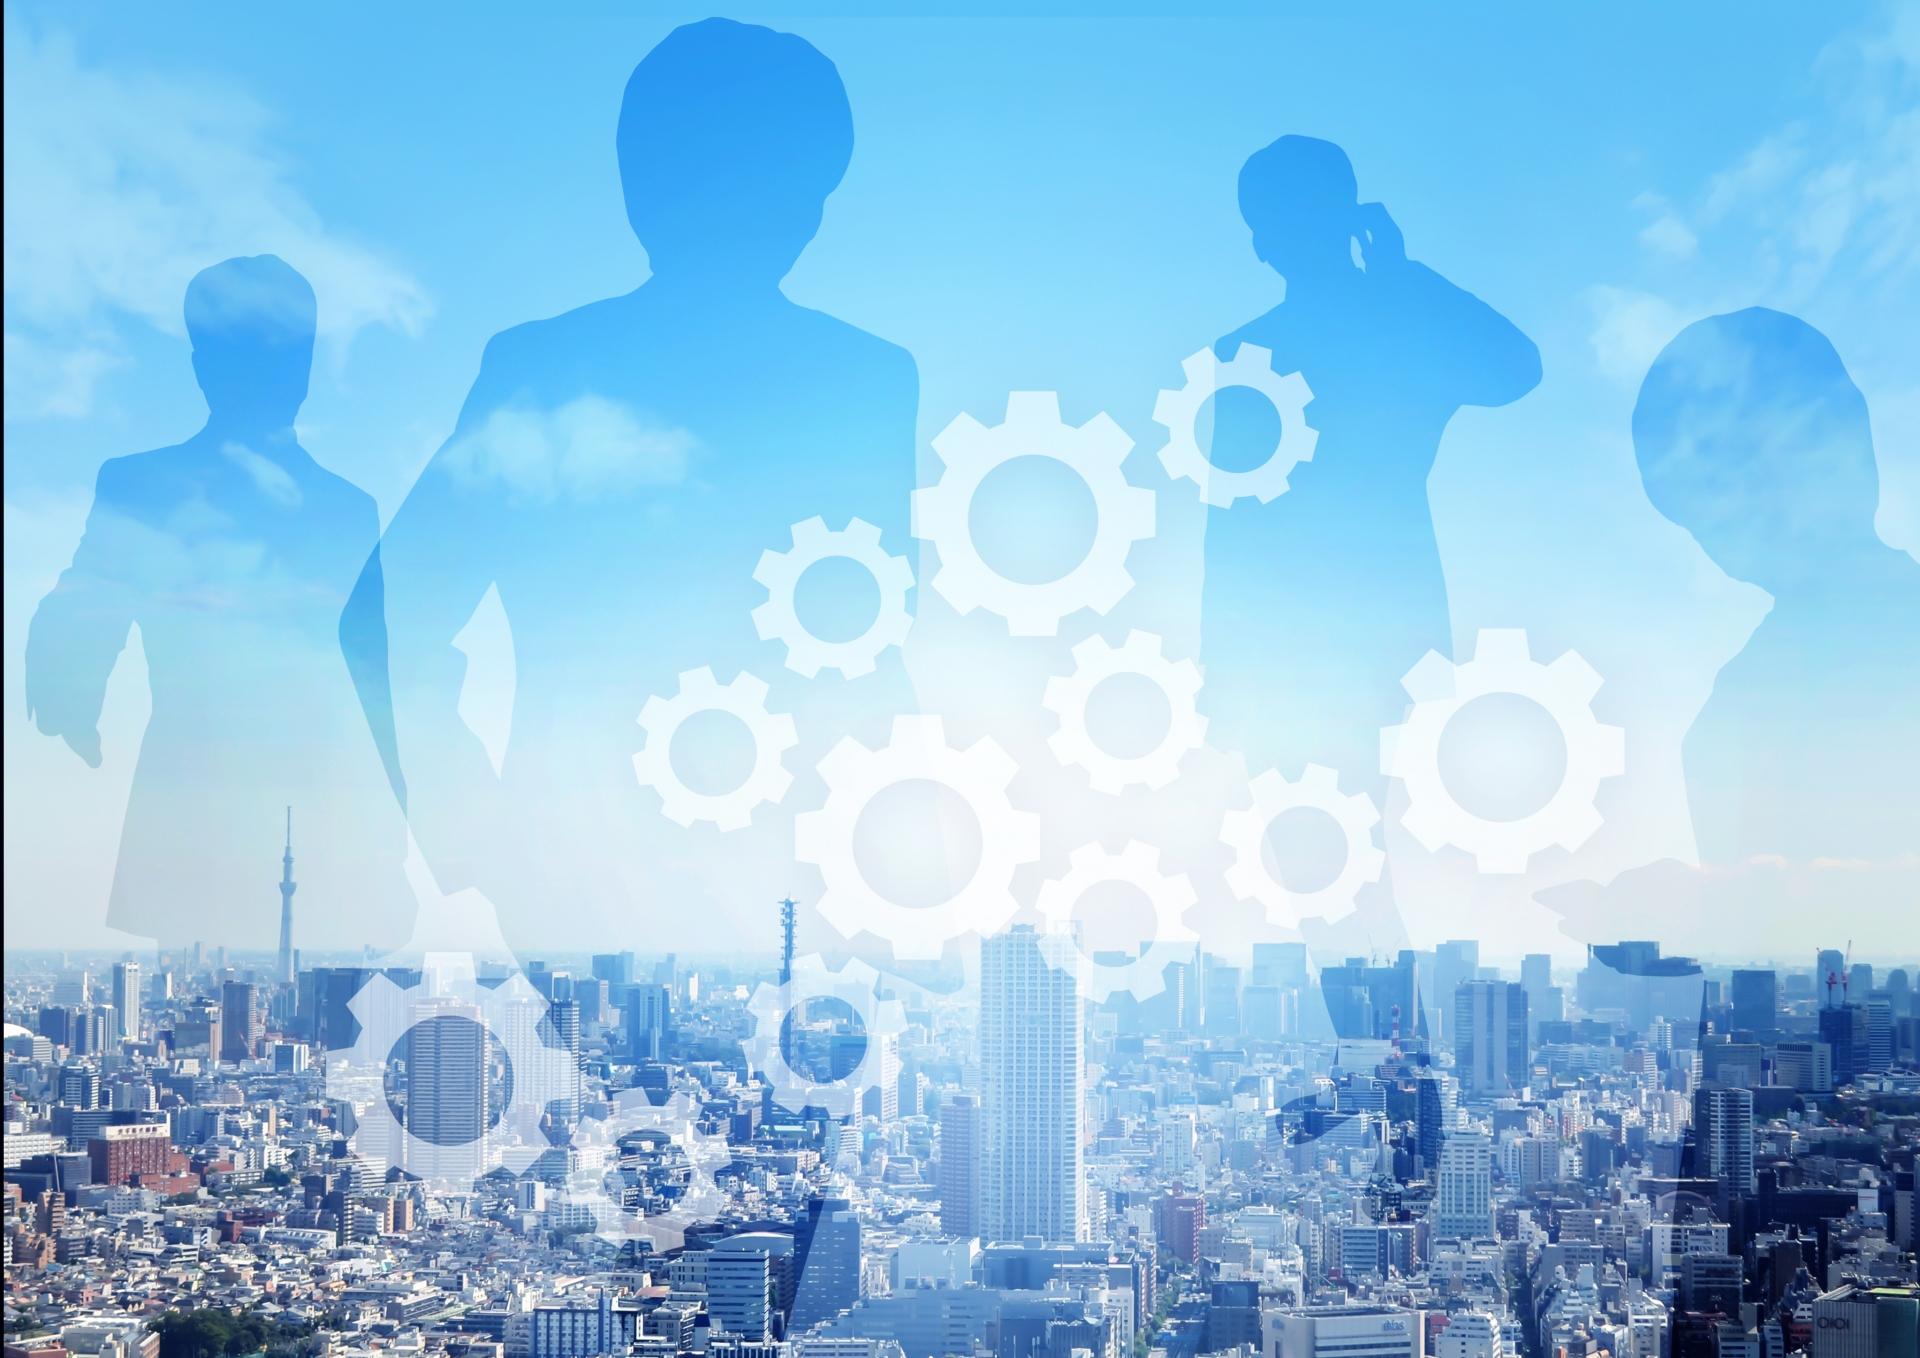 ビジネスと協力の画像